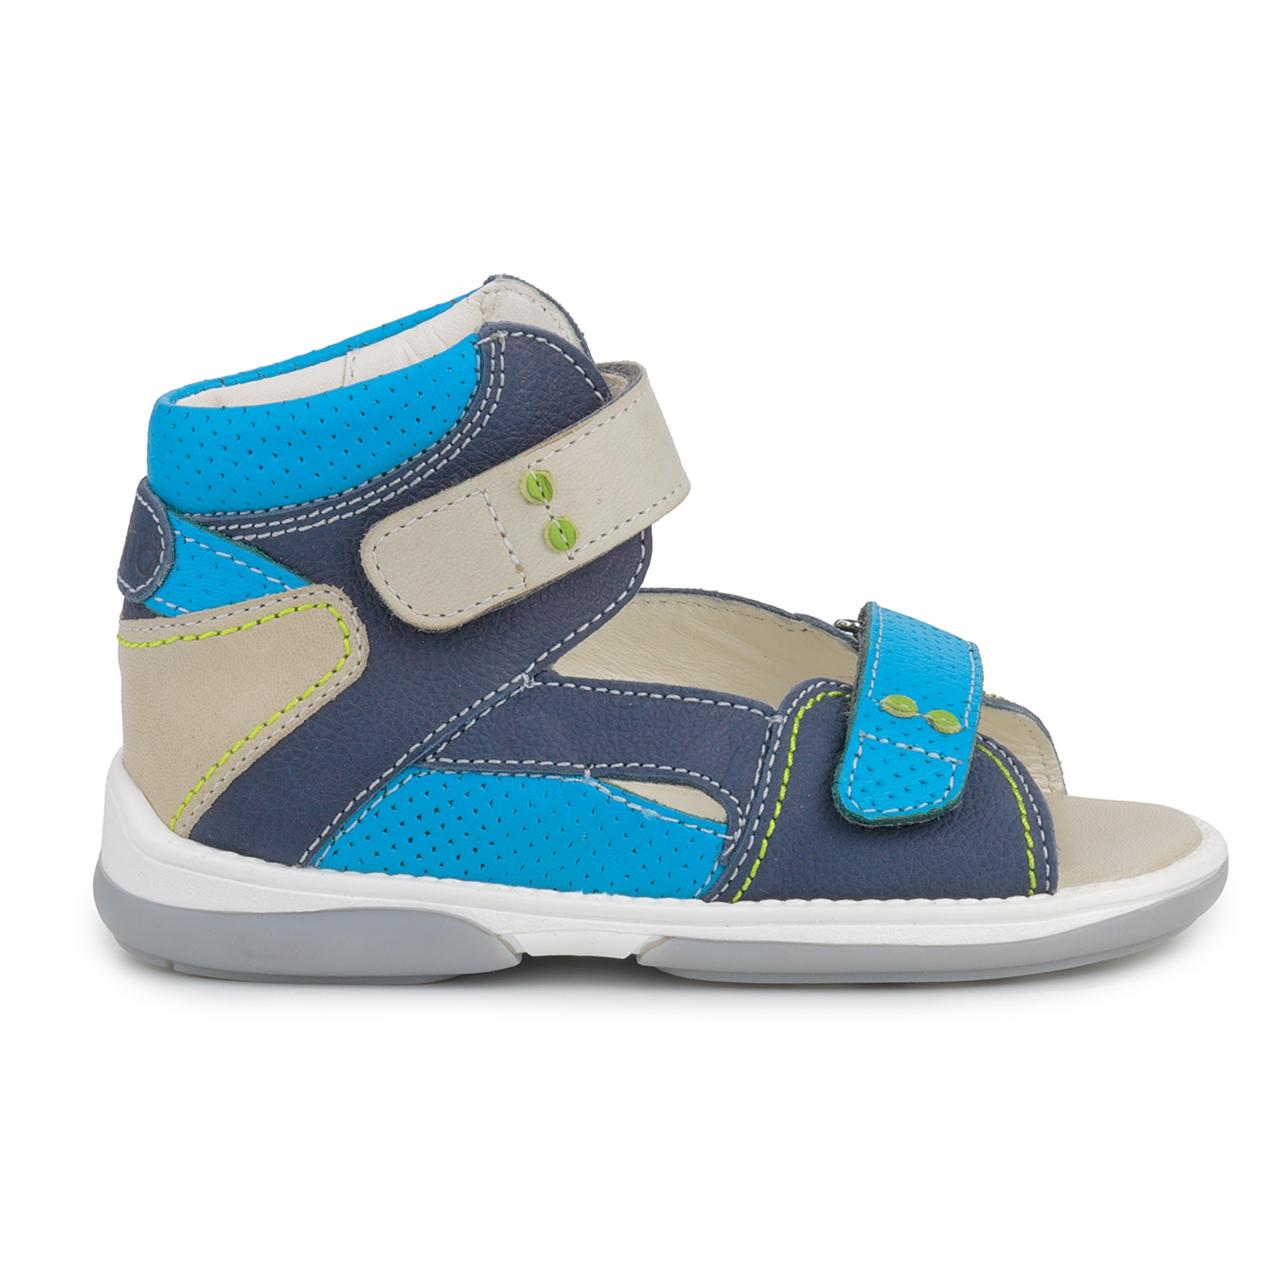 toddler boy blue dress shoes style guru fashion glitz